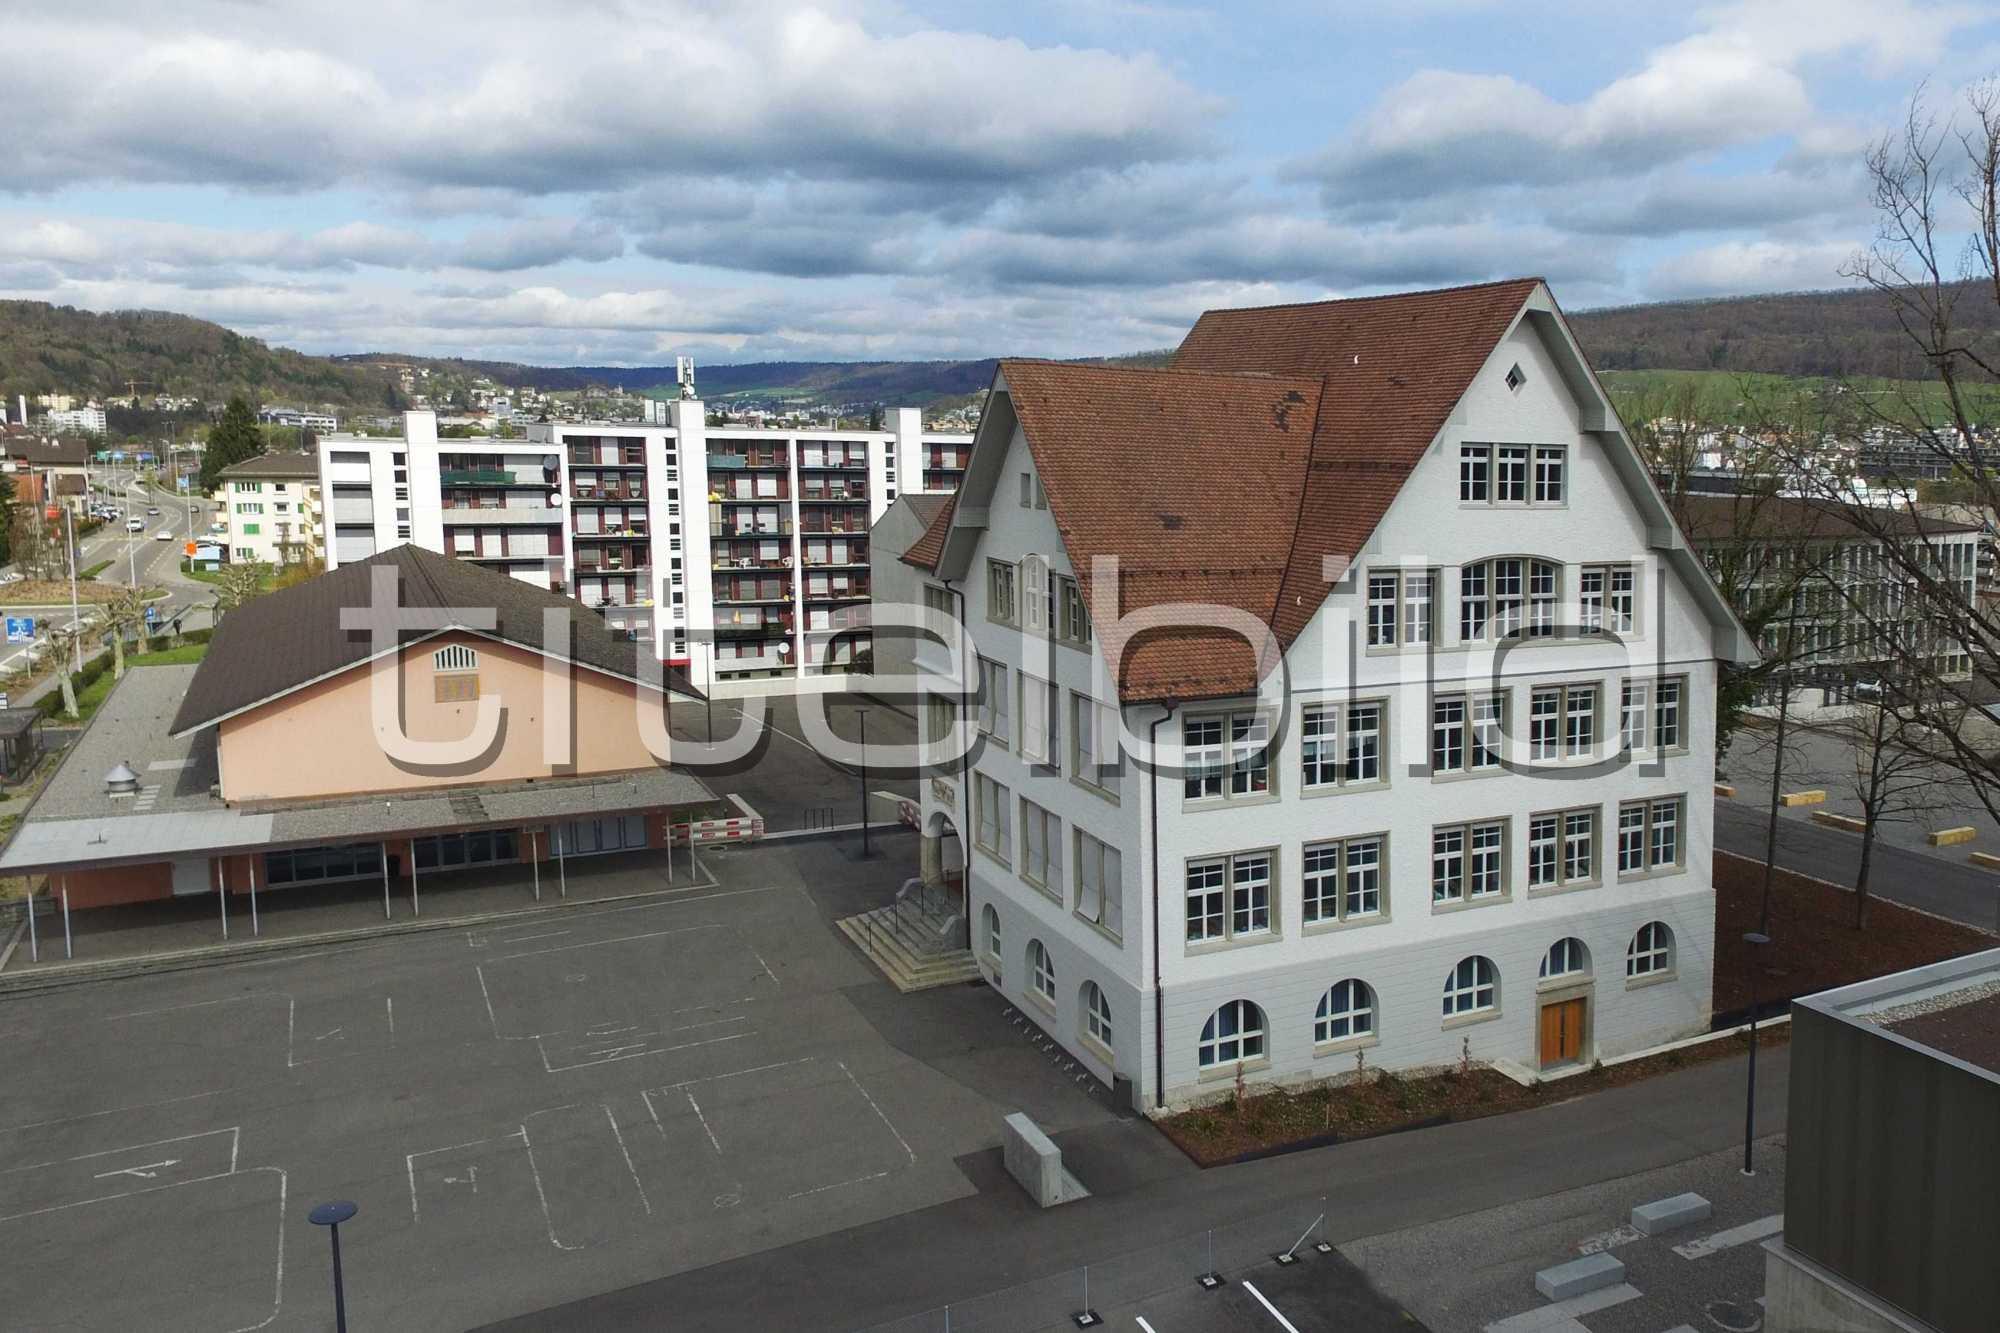 Projektbild-Nr. 0: Erneuerung altes Schulhaus